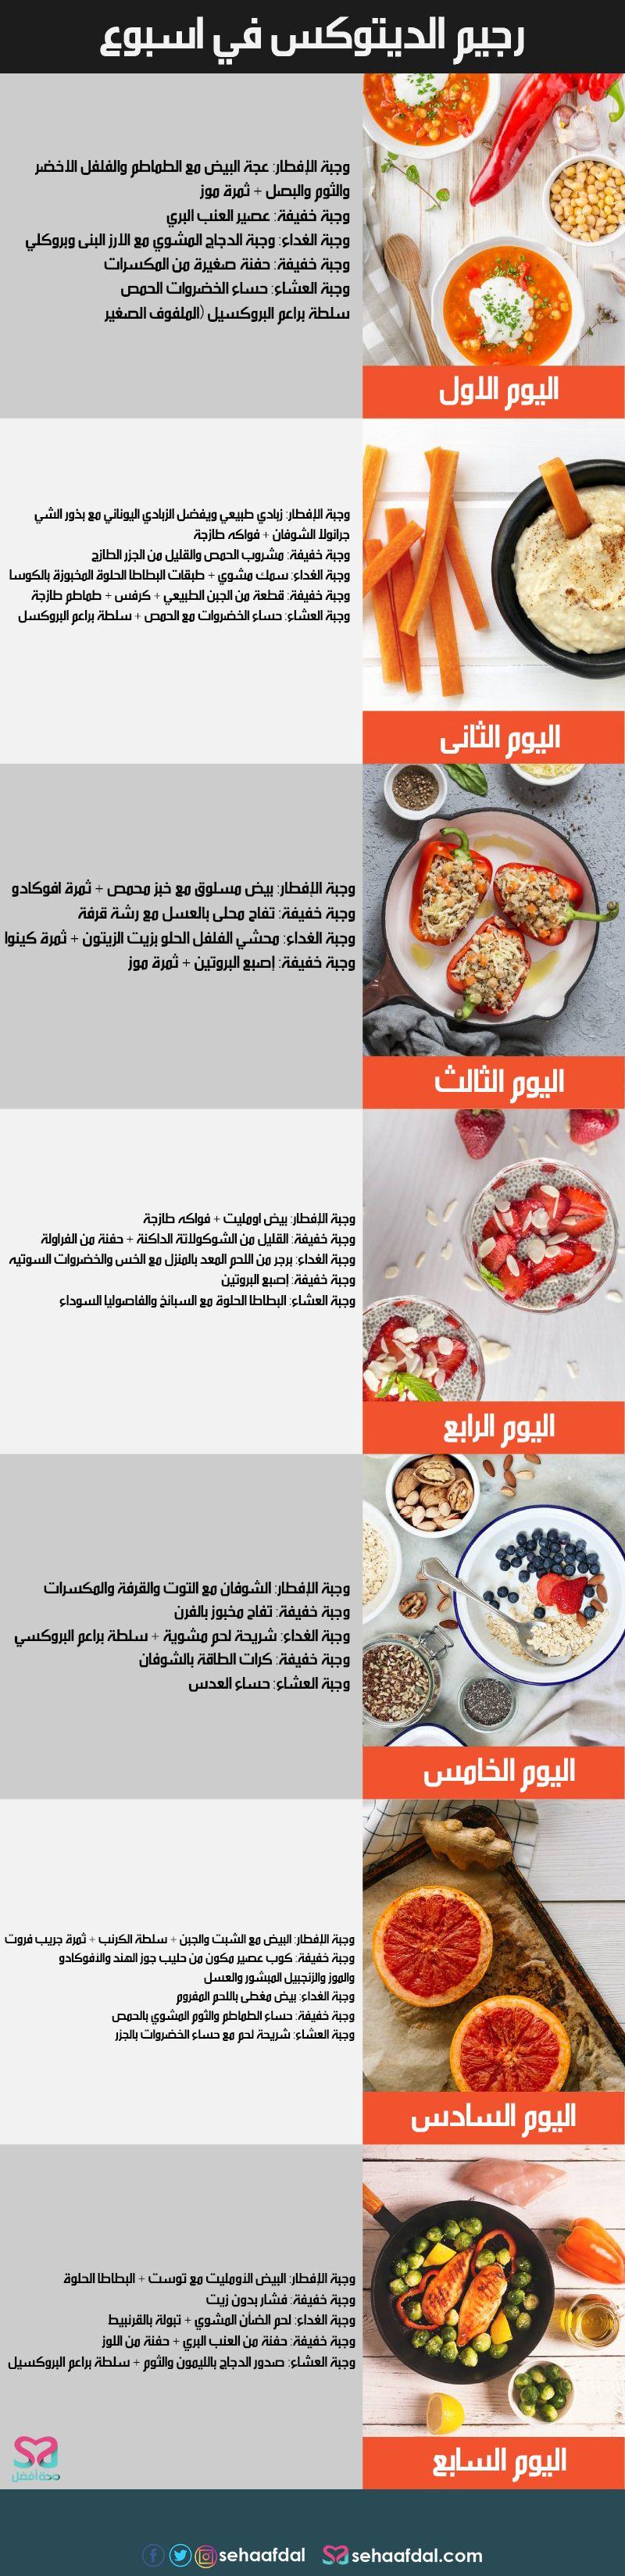 رجيم الديتوكس رجيم تنظيف الجسم من السموم لمدة اسبوع Health Food Fitness Body